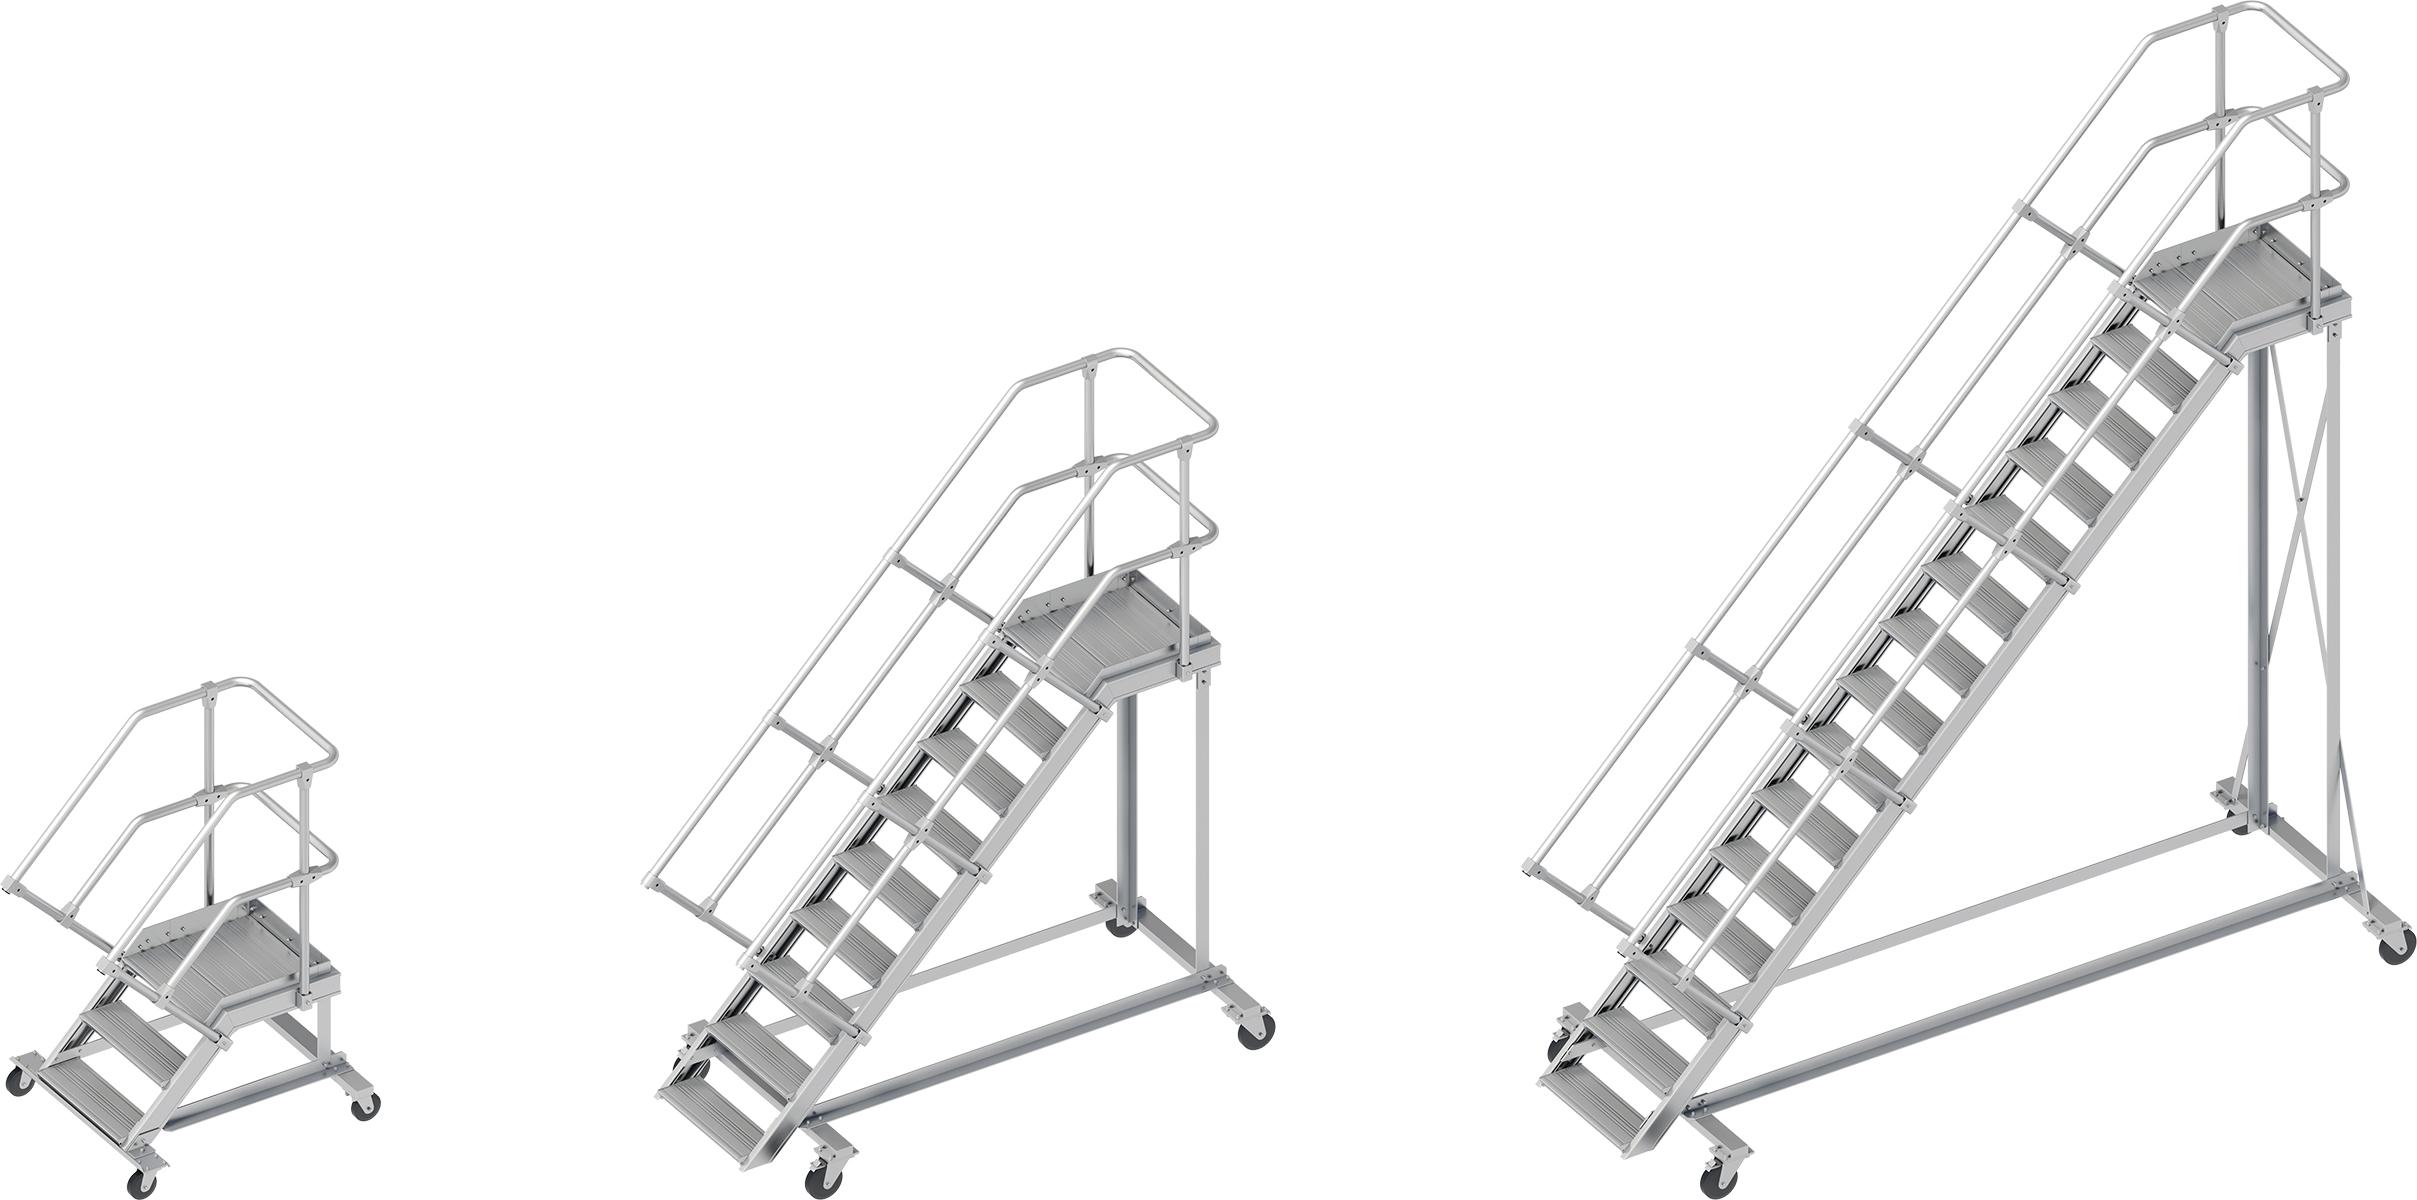 Layher Alu-Wartungsbühne 45° - 600 mm breit